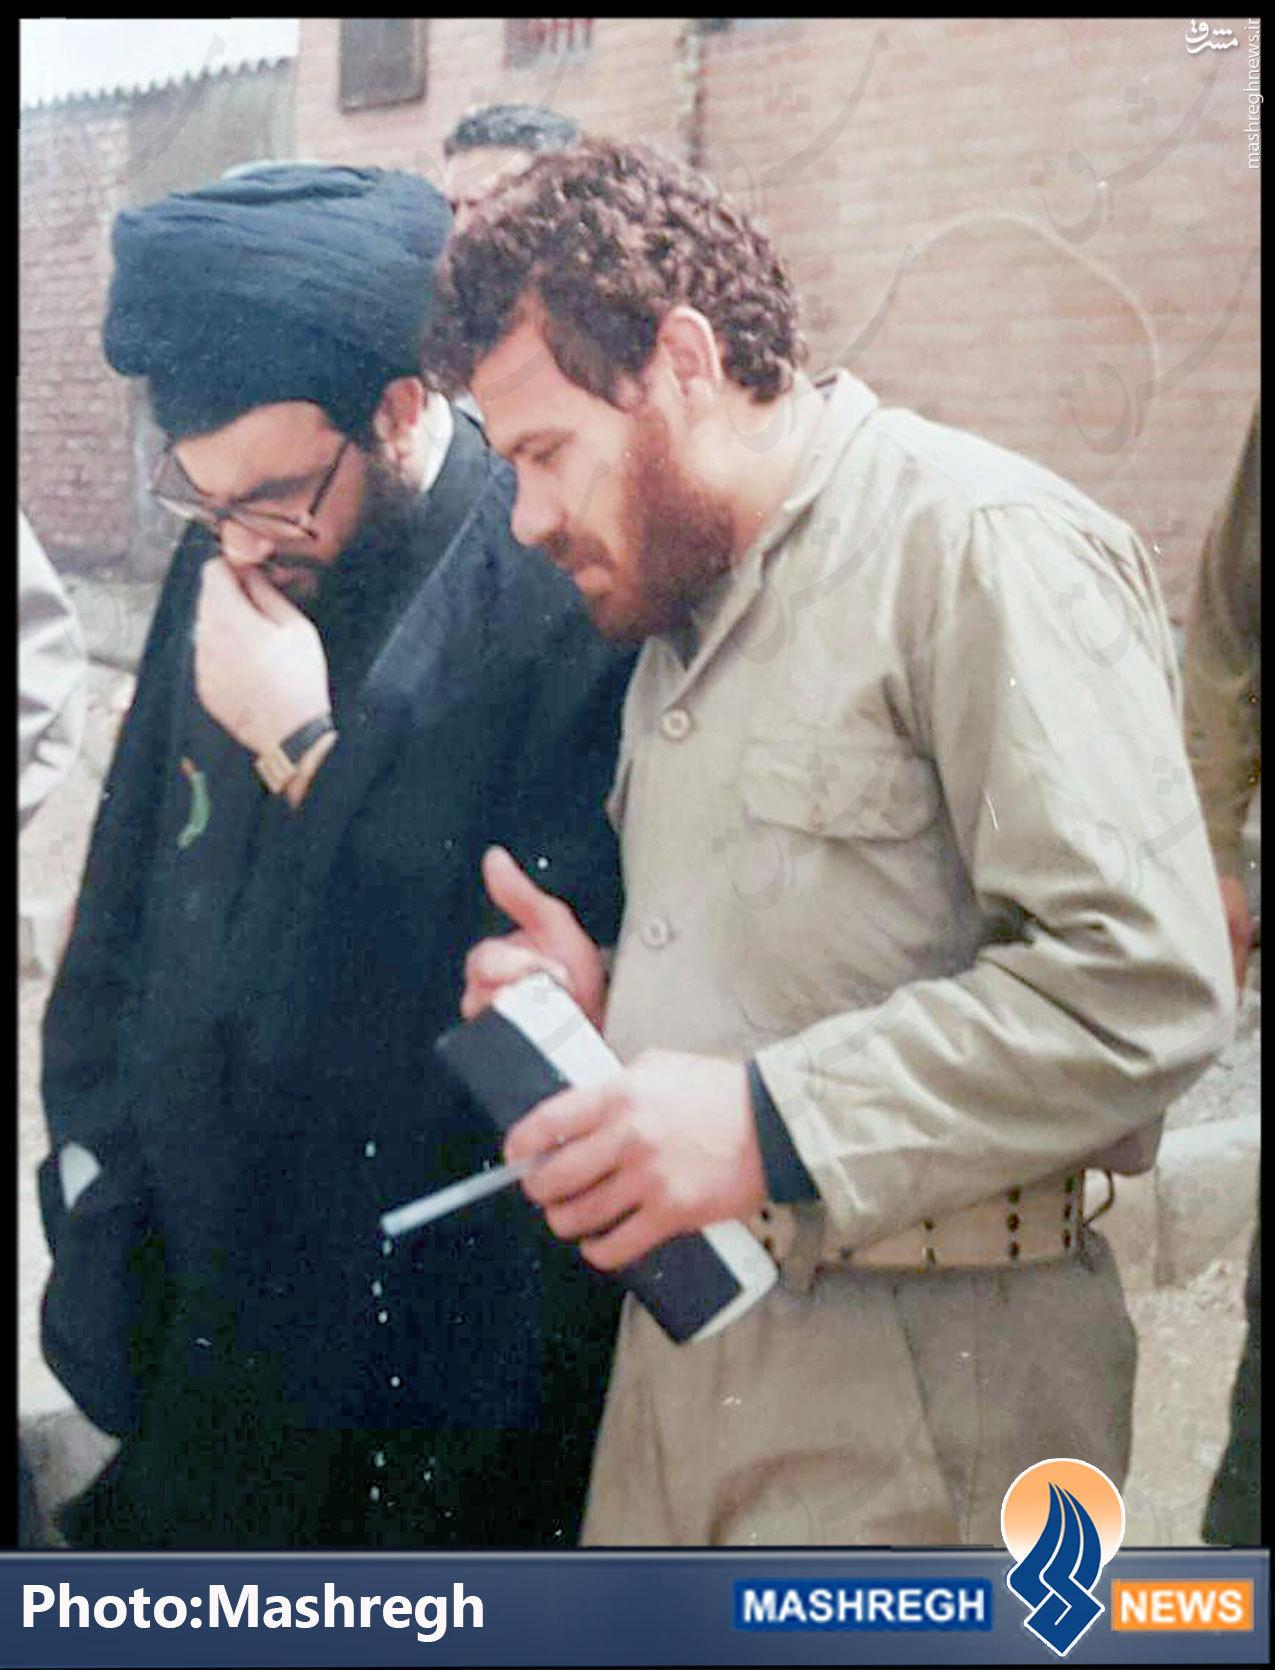 عکس کمتردیده شده از فرماندهان تاریخی حزب الله